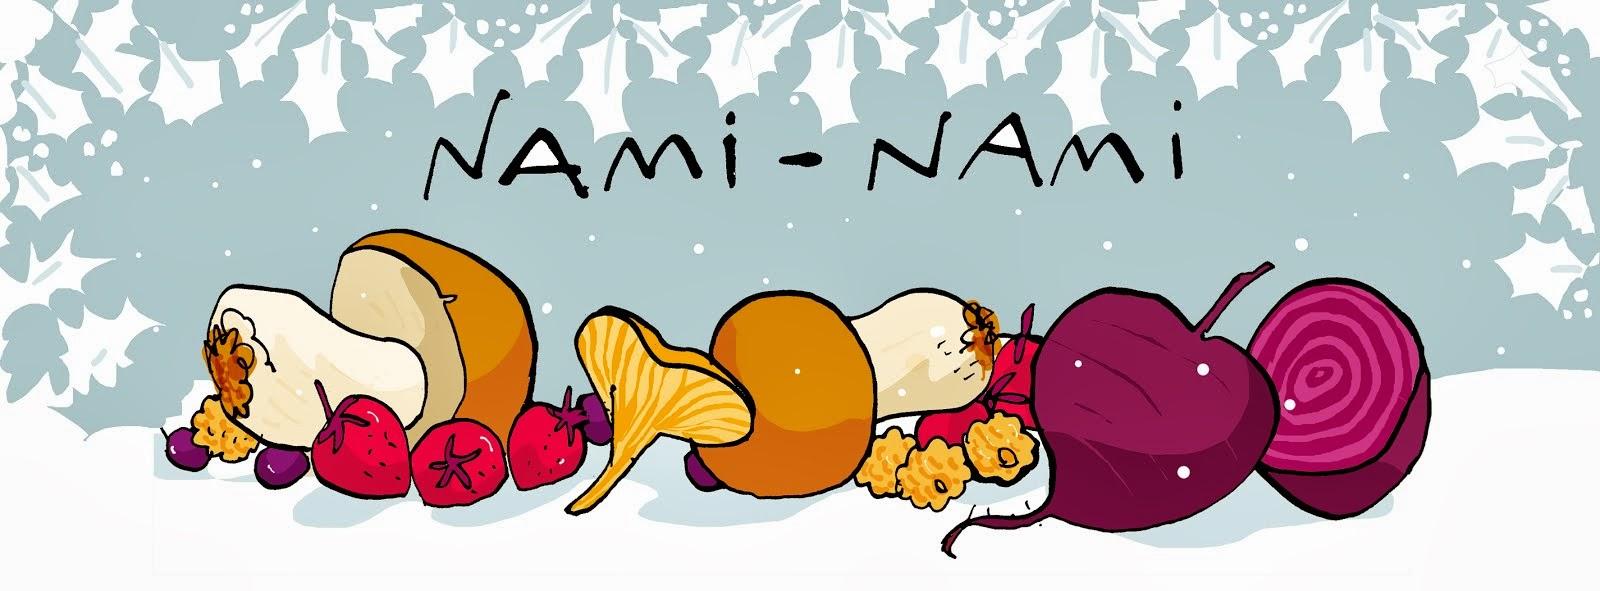 NAMI-NAMI: a food blog